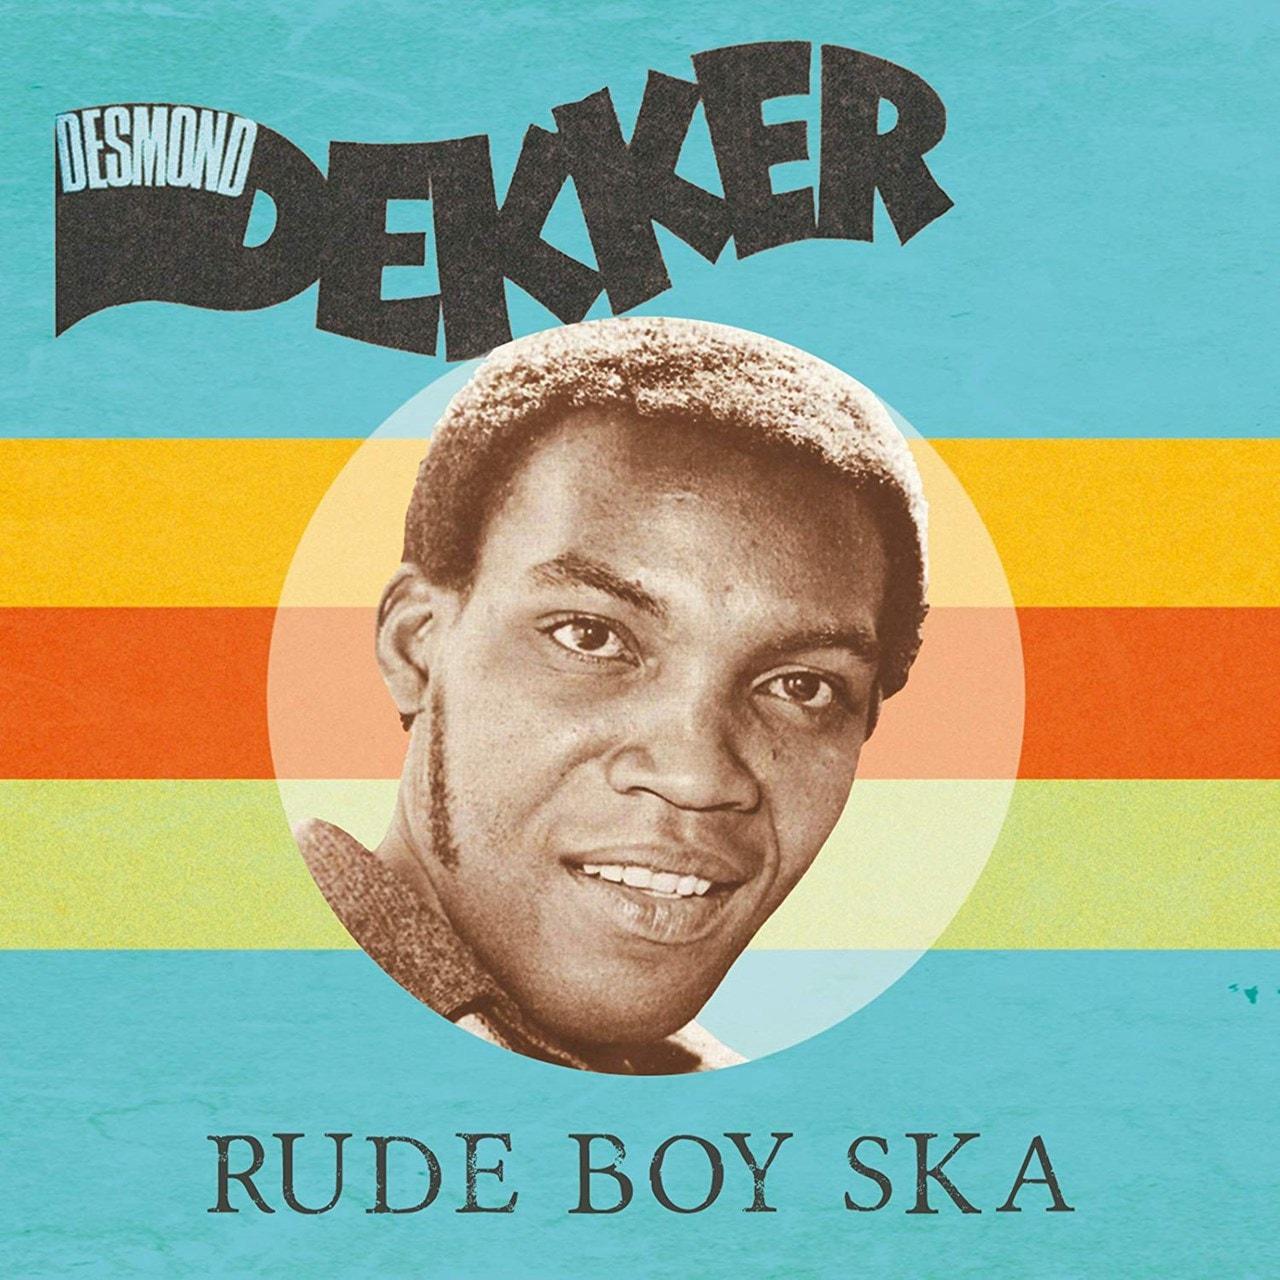 Rude Boy Ska - 1